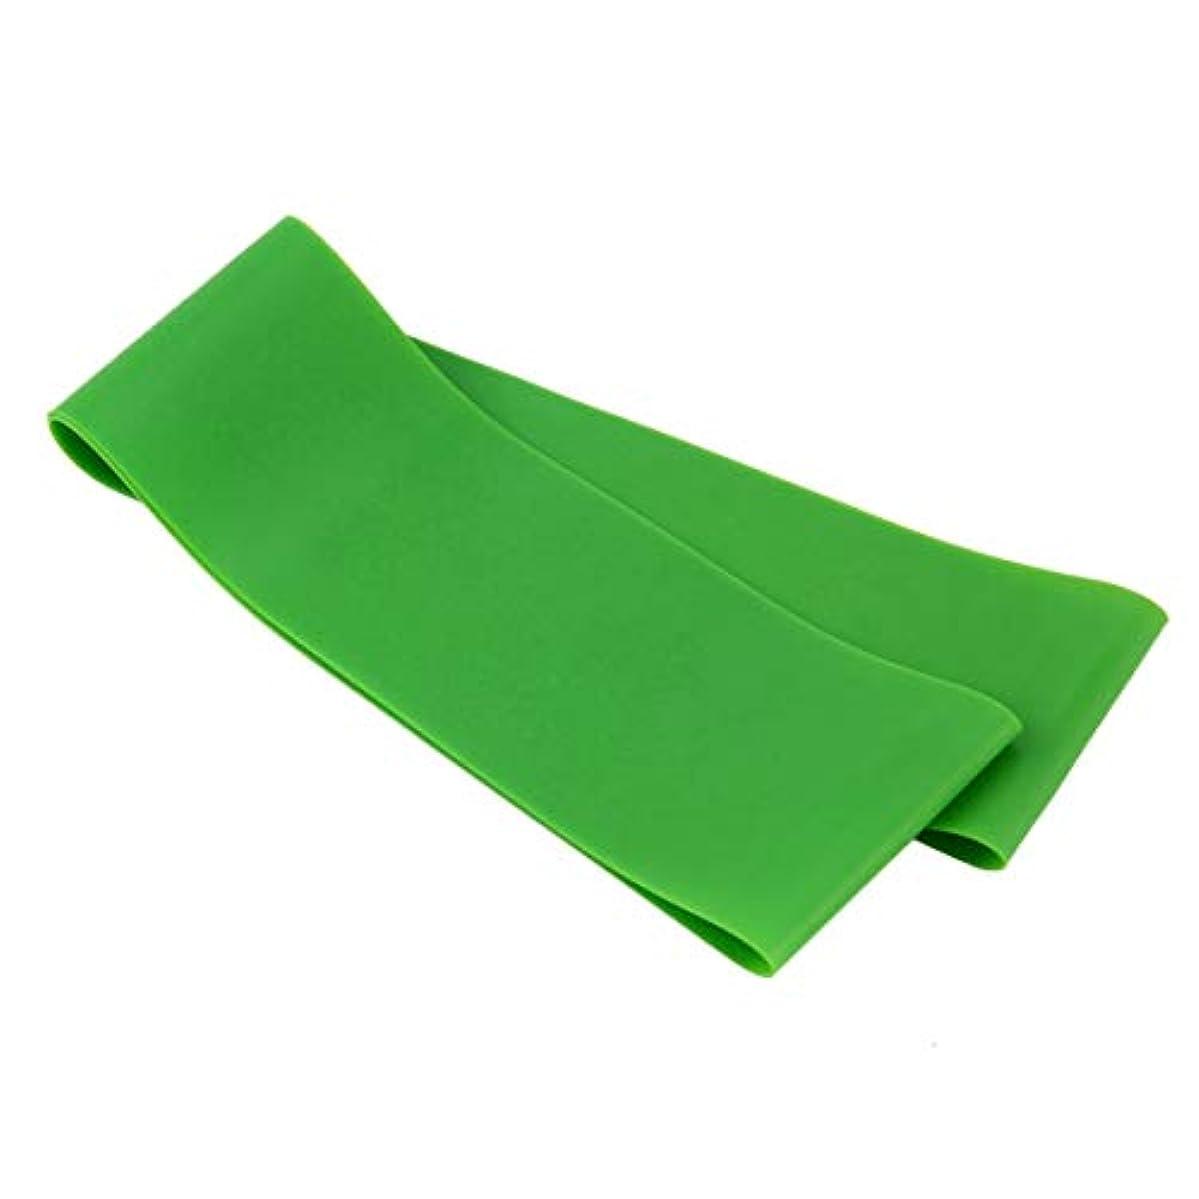 むき出しフィドルスパーク滑り止め伸縮性ゴム弾性ヨガベルトバンドプルロープ張力抵抗バンドループ強度のためのフィットネスヨガツール - グリーン